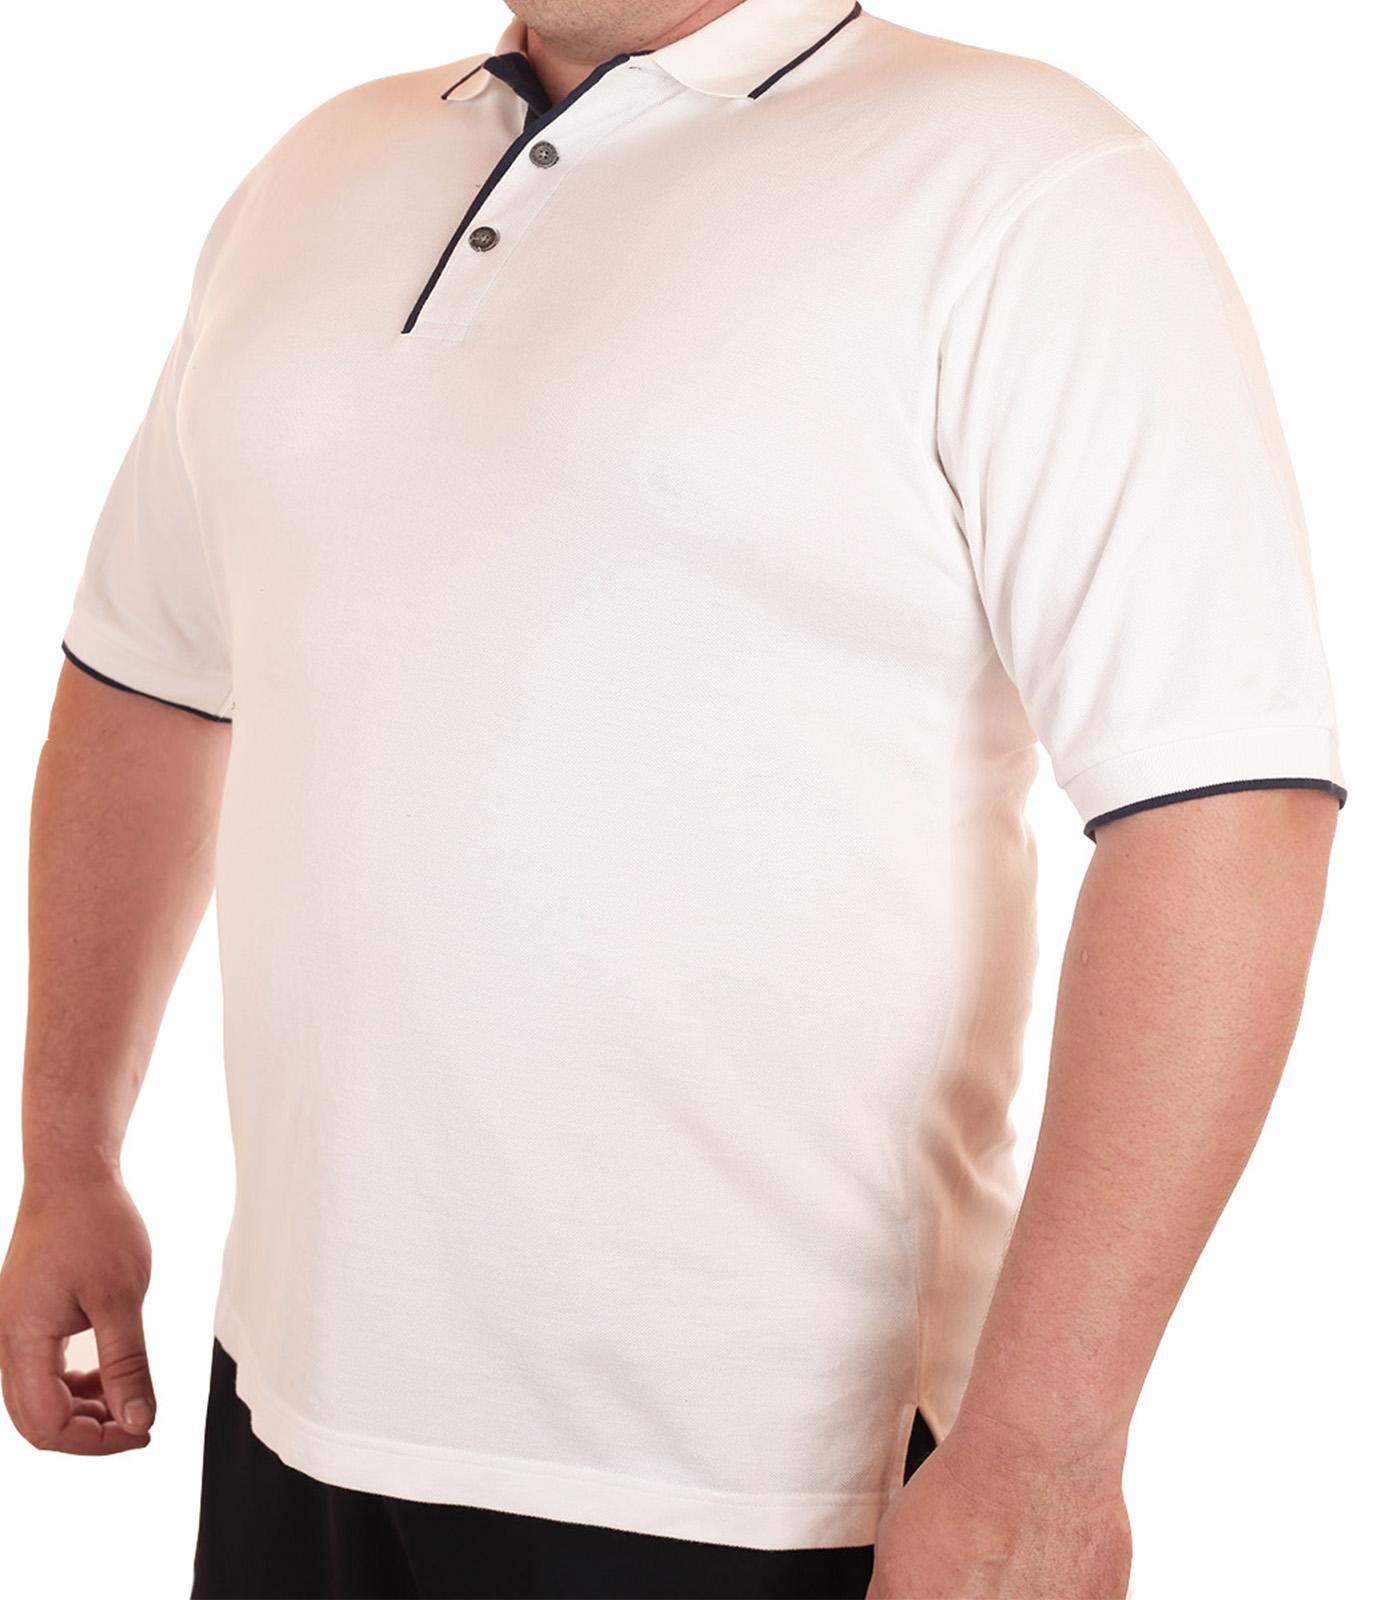 9a02a2478a976 Если нет денег приобретать одежду в фирменных магазинах, и не могут  выручить даже точки продаж с низкими ценами, тогда стоит отправляться на  рынок.